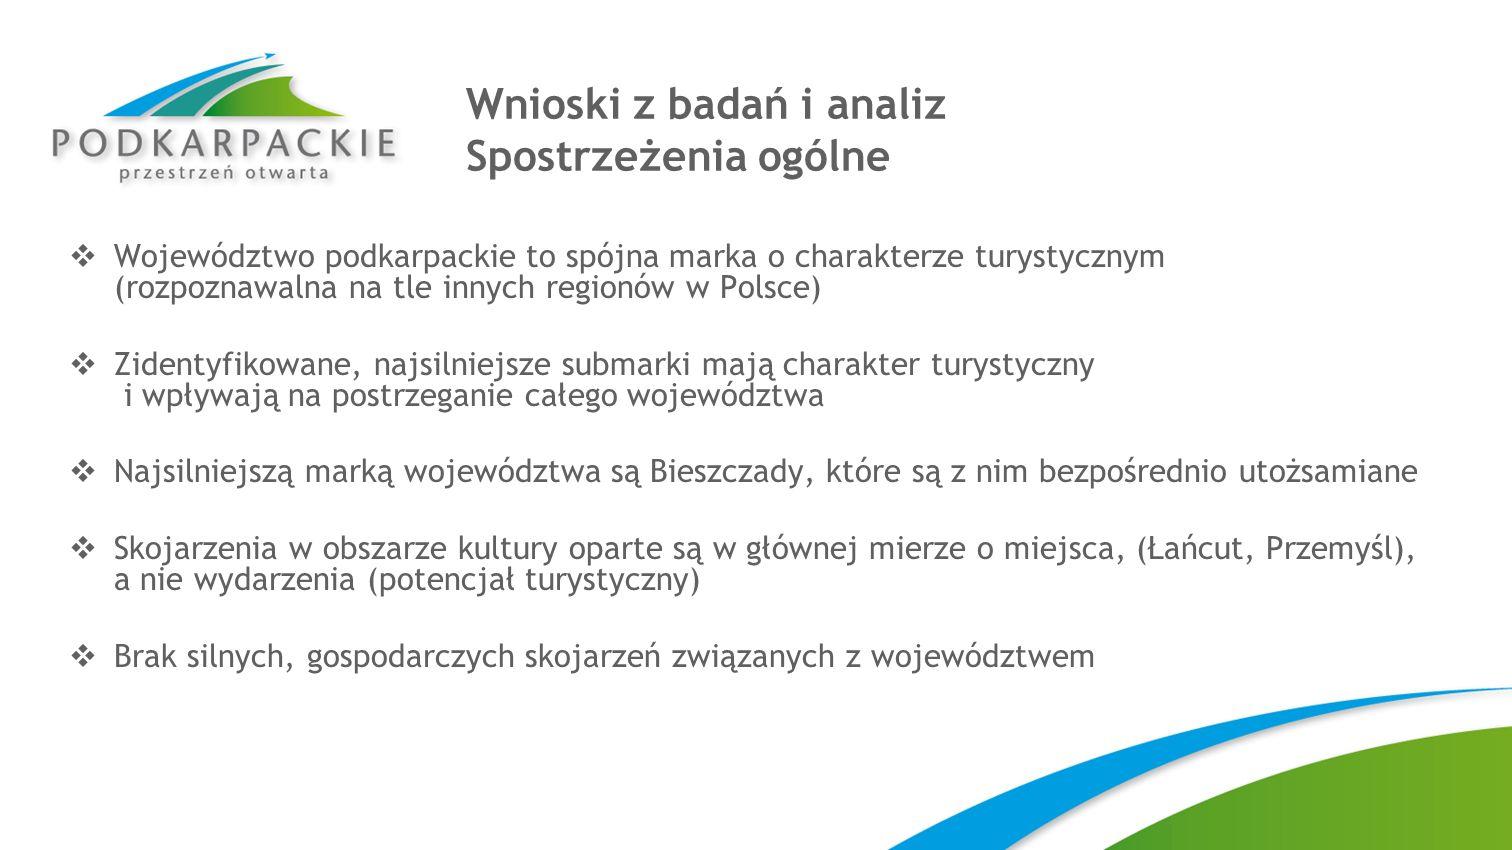 Spodziewane korzyści z wdrożenia strategii marki Identyfikacja regionu – tworzenie pożądanego obrazu województwa Wyróżnialność w stosunku do regionów konkurencyjnych – strategia gwarantuje unikalność w odniesieniu do innych regionów Polski Uspójnienie narzędzi komunikacji – region wypuszcza codziennie tysiące komunikatów, aby zbudować spójny wizerunek należy te komunikaty ujednolicić Wsparcie sprzedaży produktów województwa – nie wystarczy coś mieć, potencjalny nabywca musi się o tym dowiedzieć Podstawowe wytyczne dla prac nad markami województwa podkarpackiego – strategia marki województwa otwiera nową perspektywę dla budowania marek miast w regionie